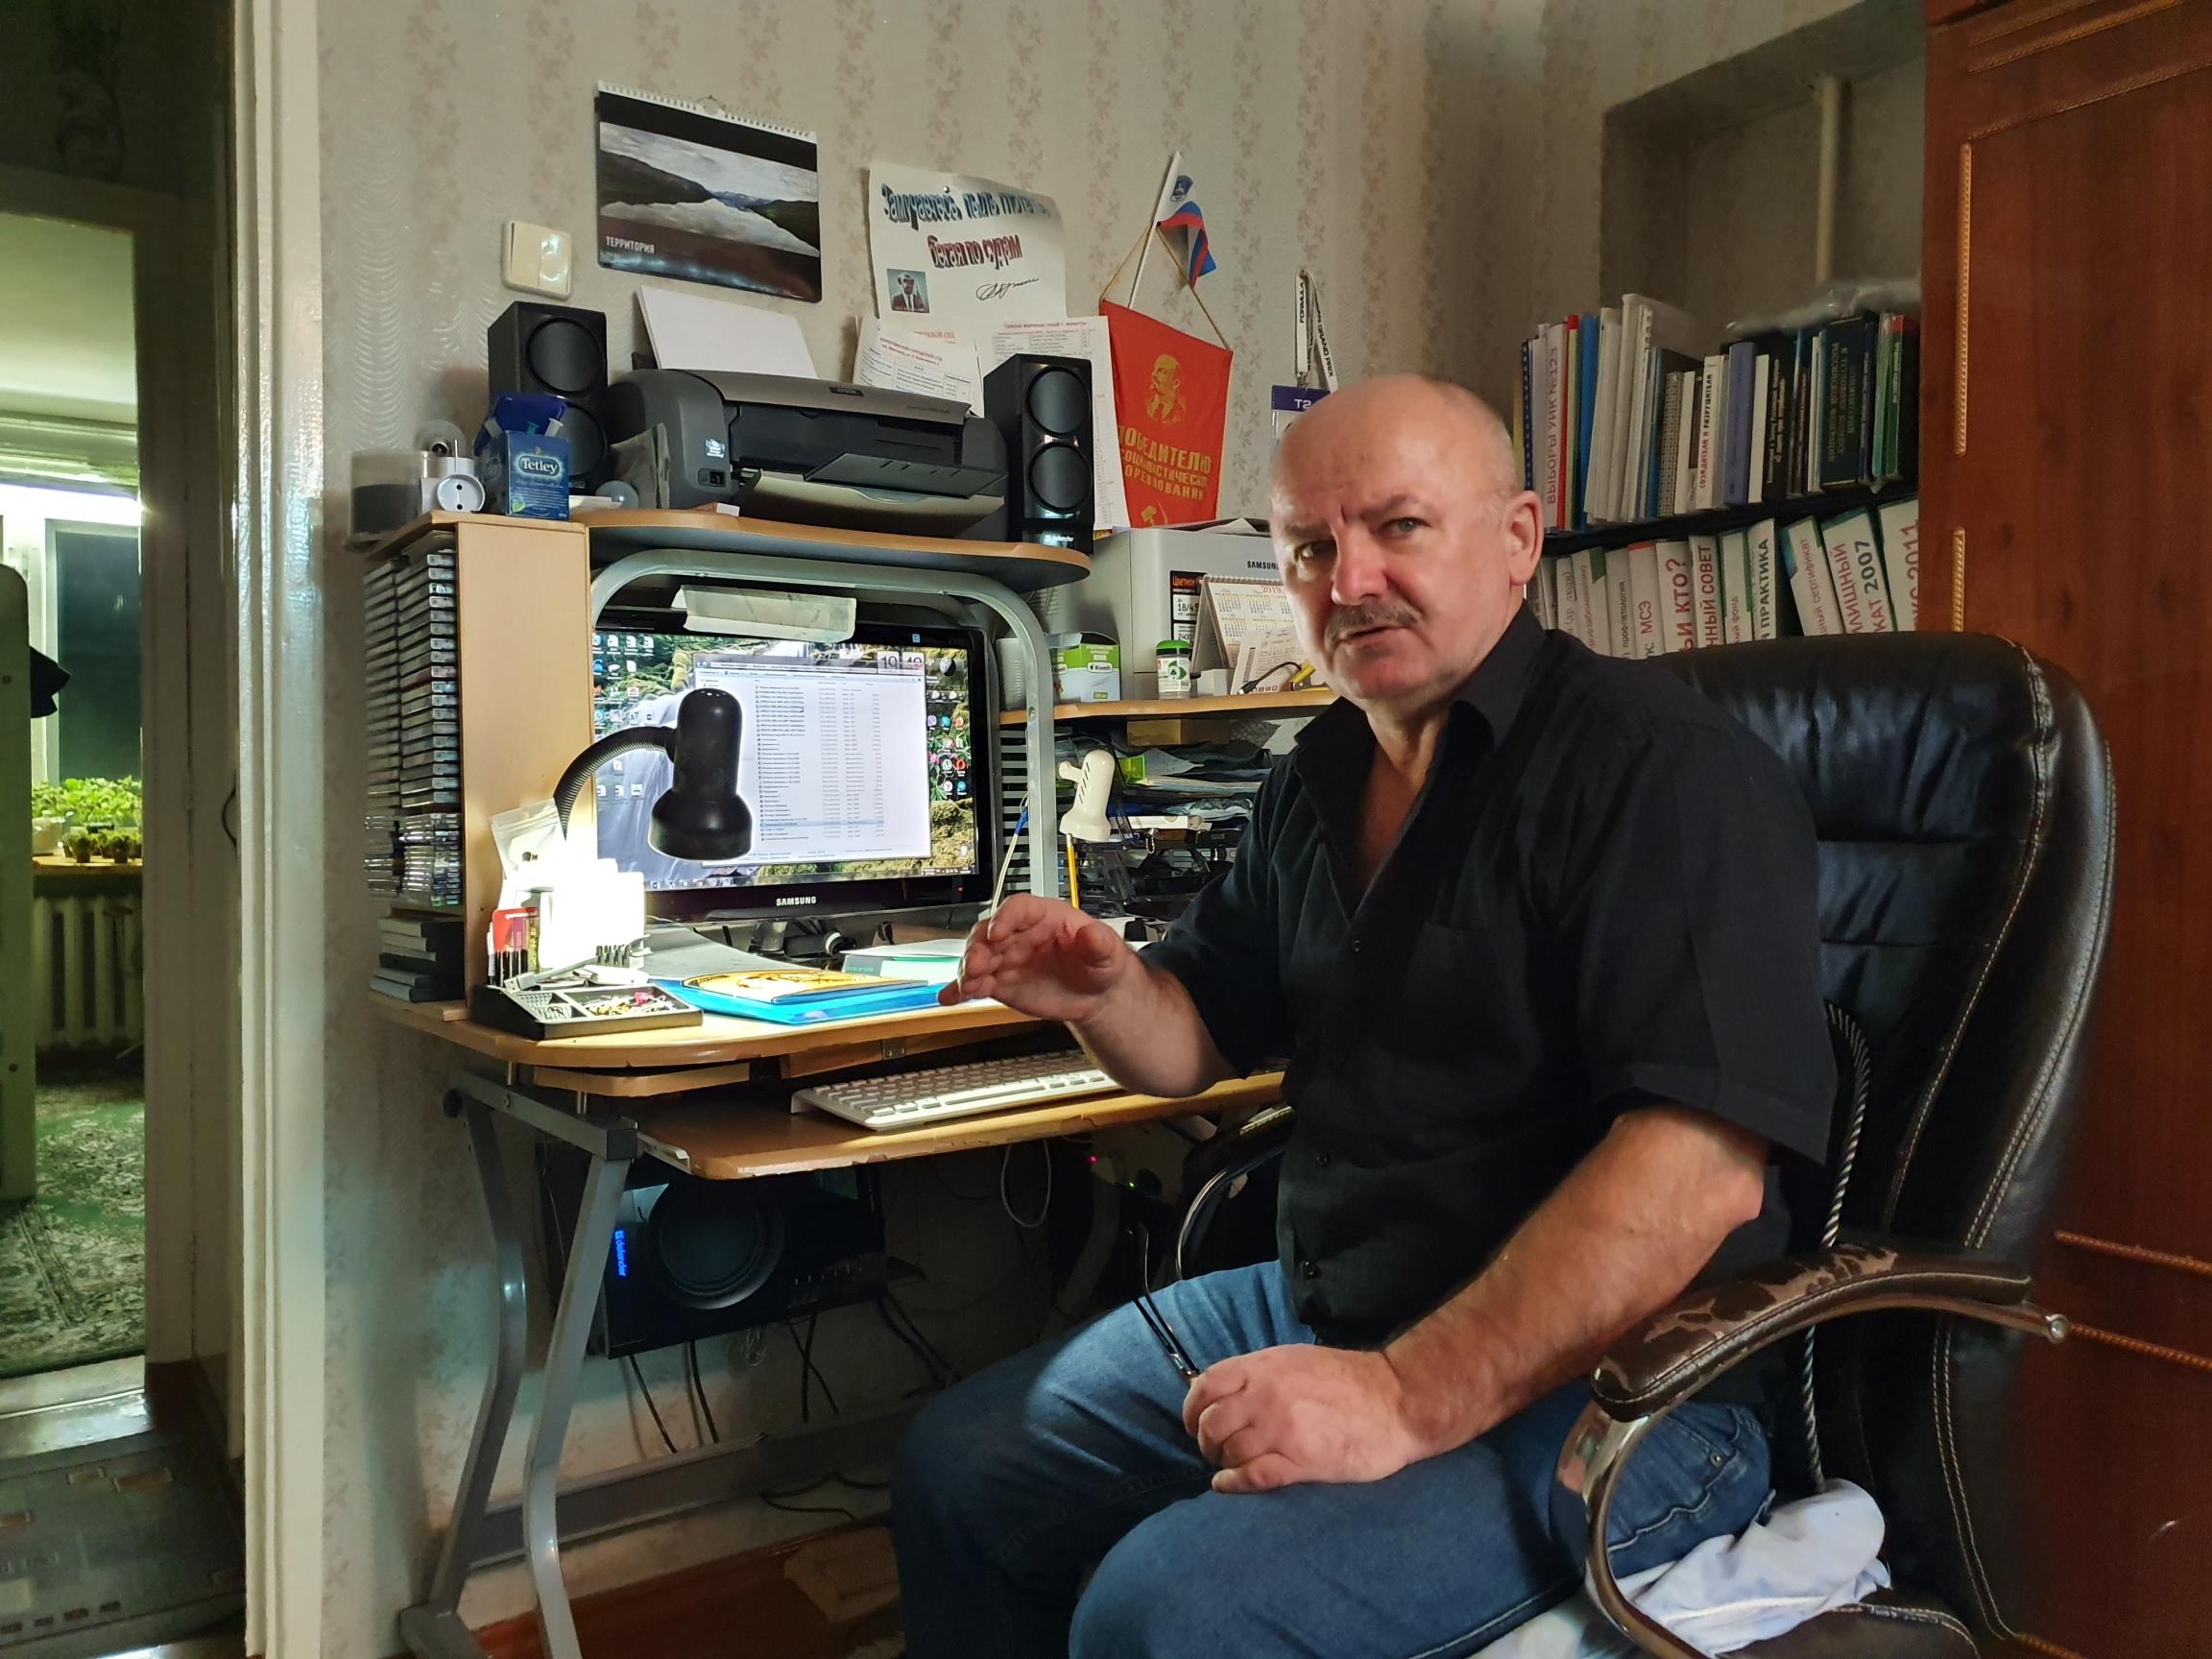 A bald man sits at a desk